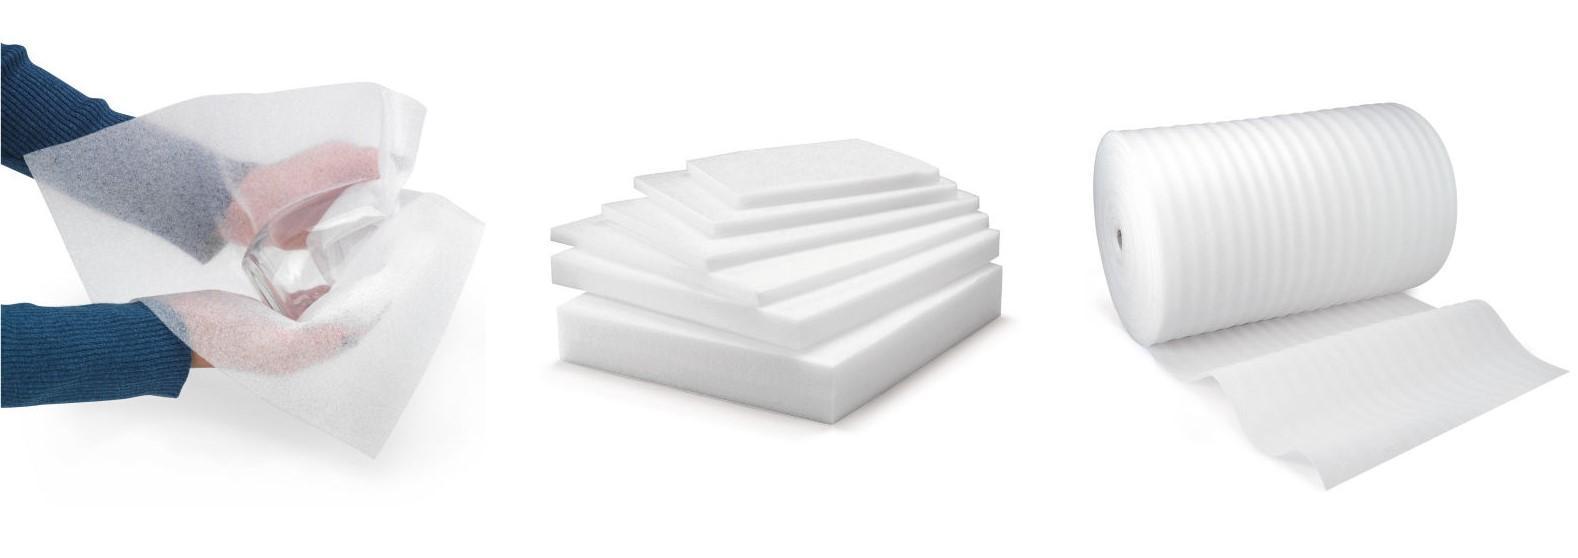 Is packaging foam recyclable